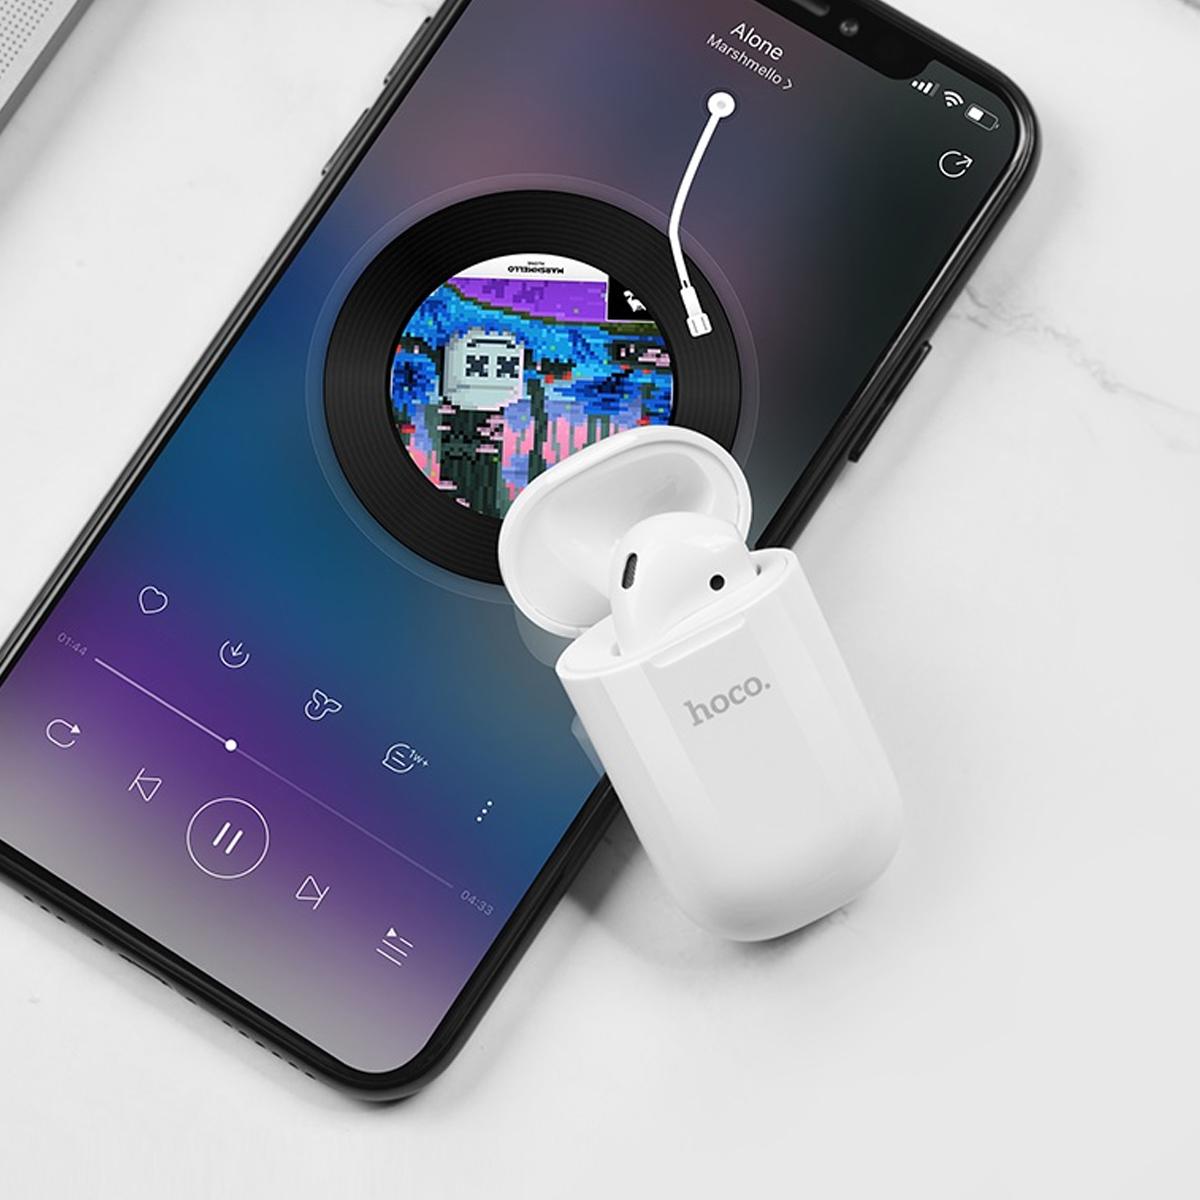 Tai Nghe Bluetooth Hoco E43 + Tặng Dây Đeo Silicon - Hàng Chính Hãng